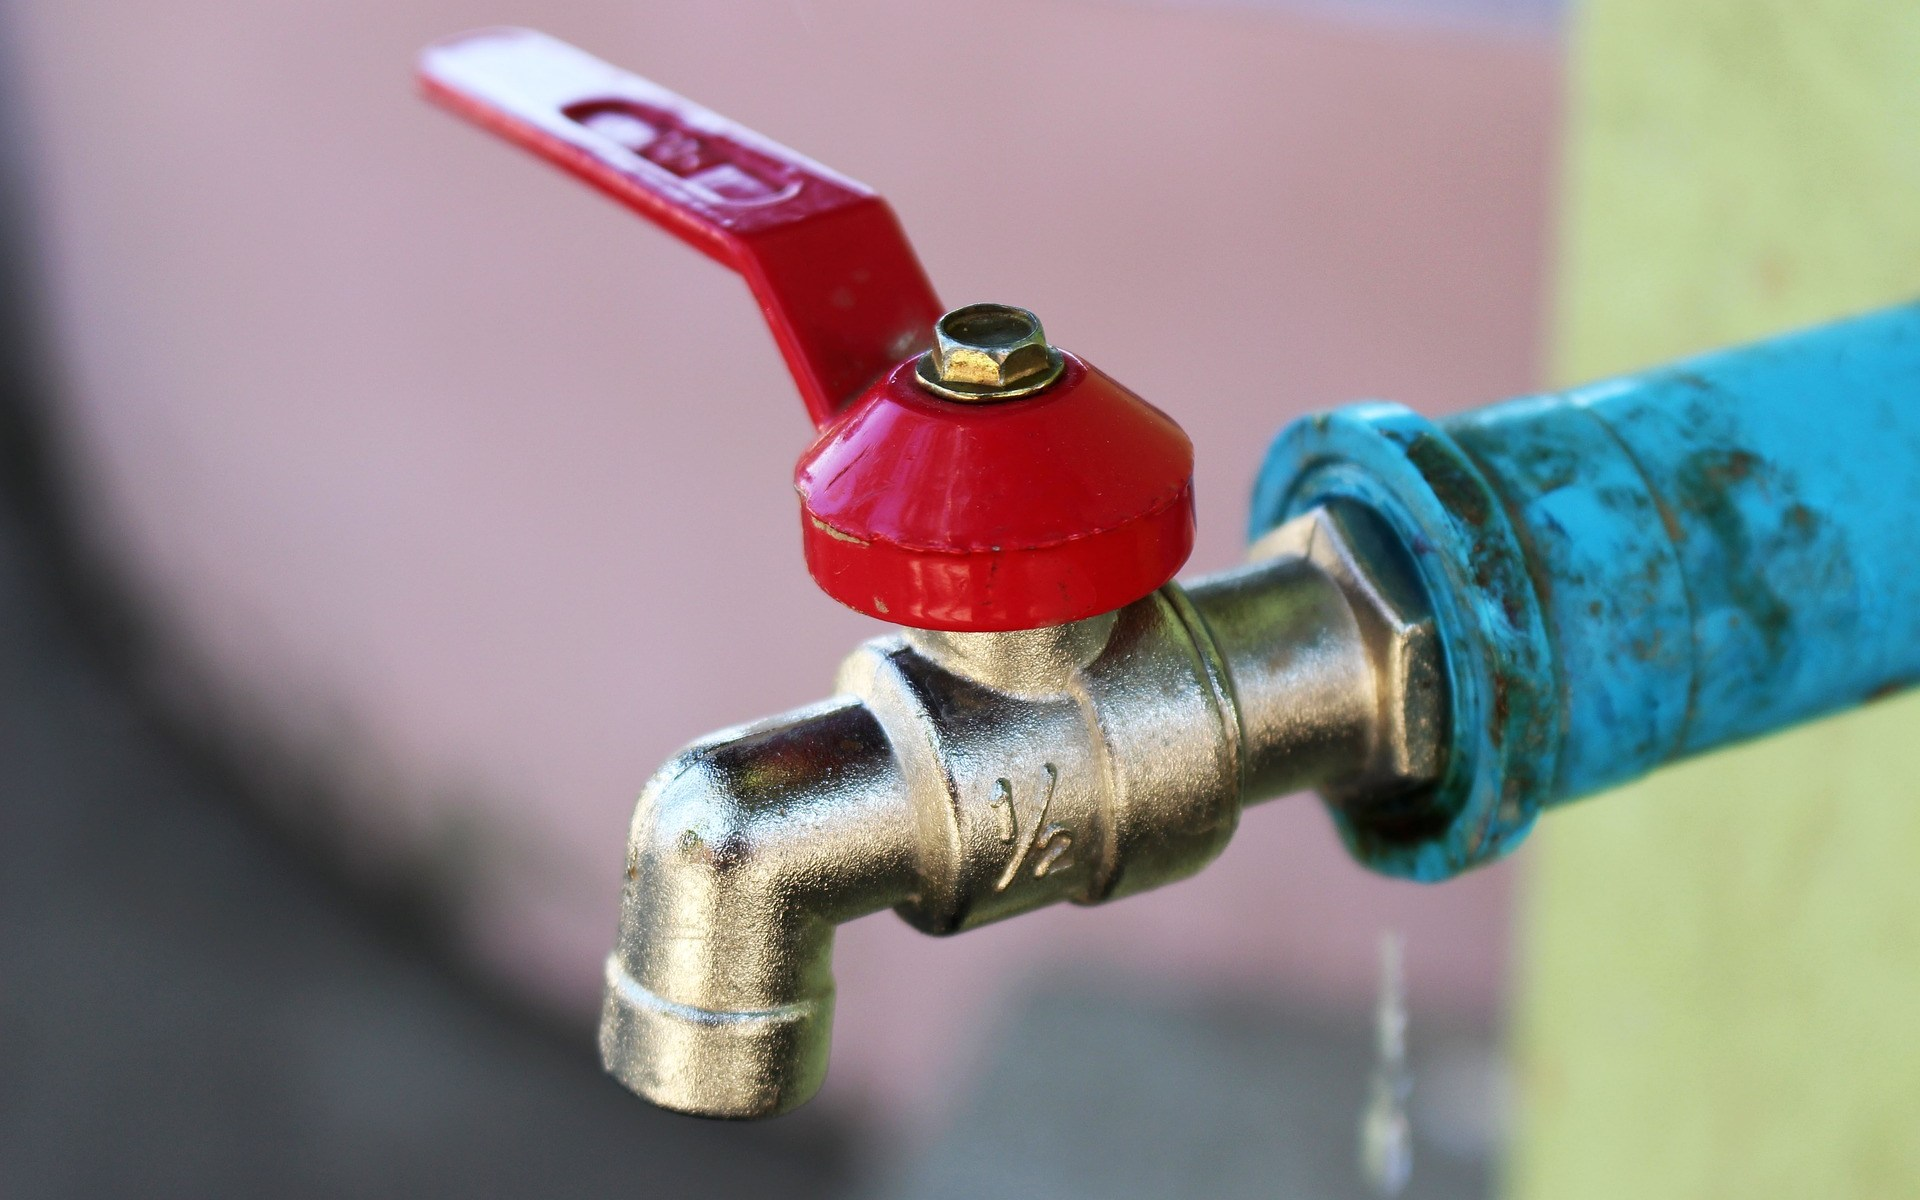 Kalt- Warmwasser Installateur Notdienst Wasserüberlauf - Schaden.Beratung für Sanierung & erstellen neuer Wasserleitungen. Sanitär-Handel & VerkaufSEMA GmbH Wien